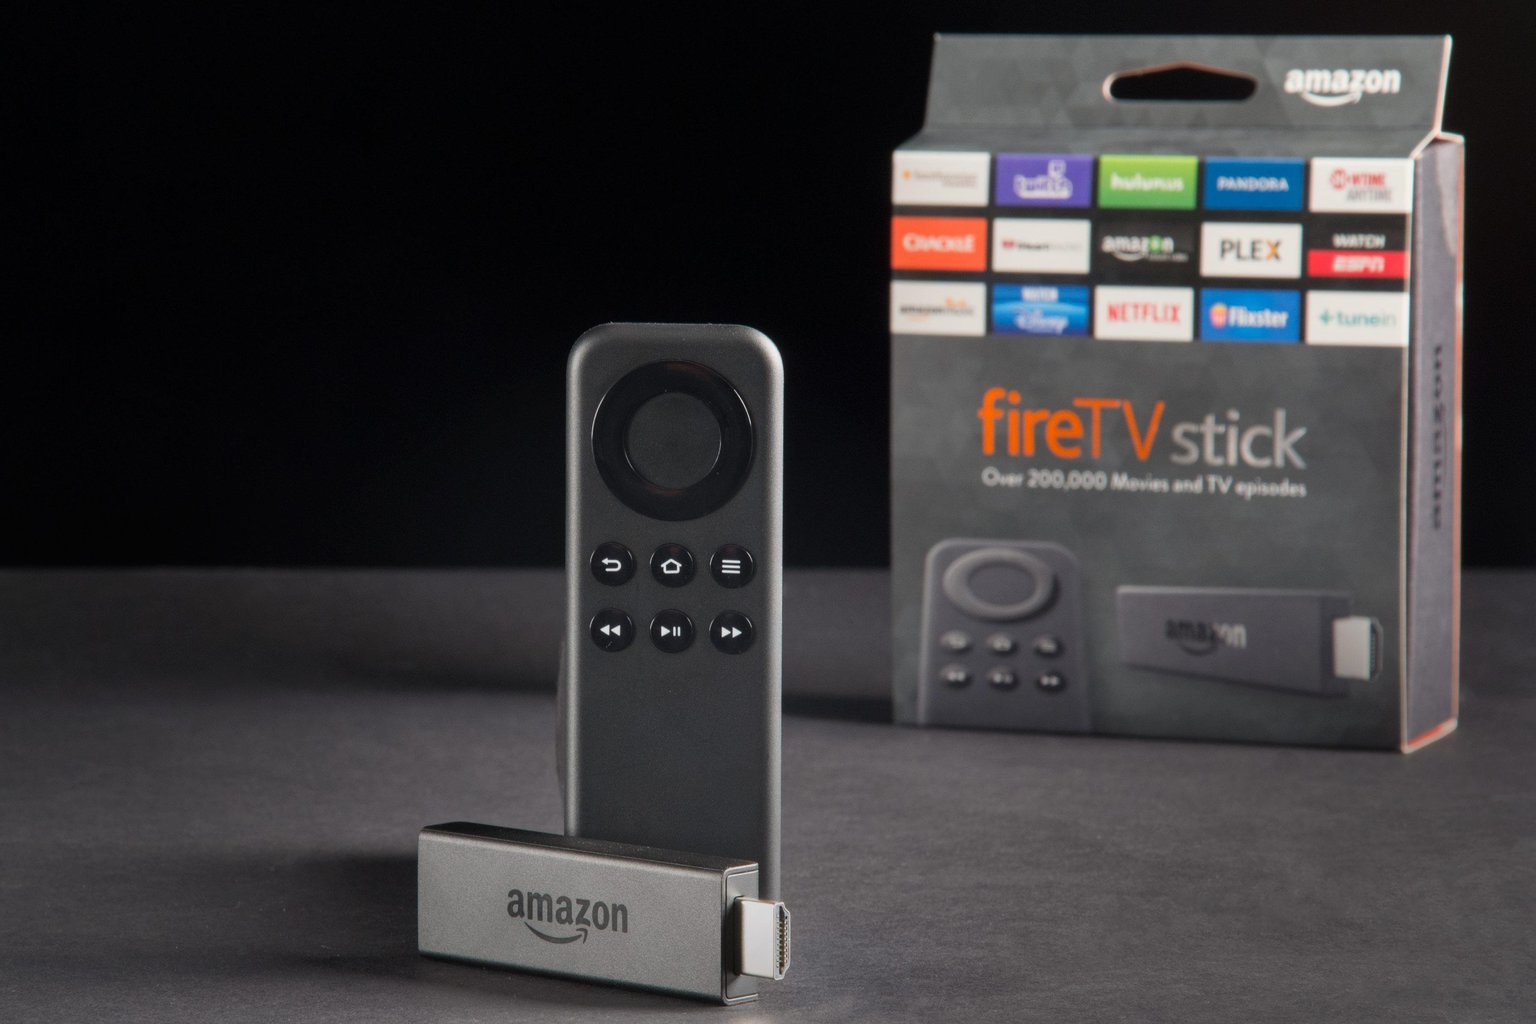 amazon-fire-tv-stick-boxbkgrnd